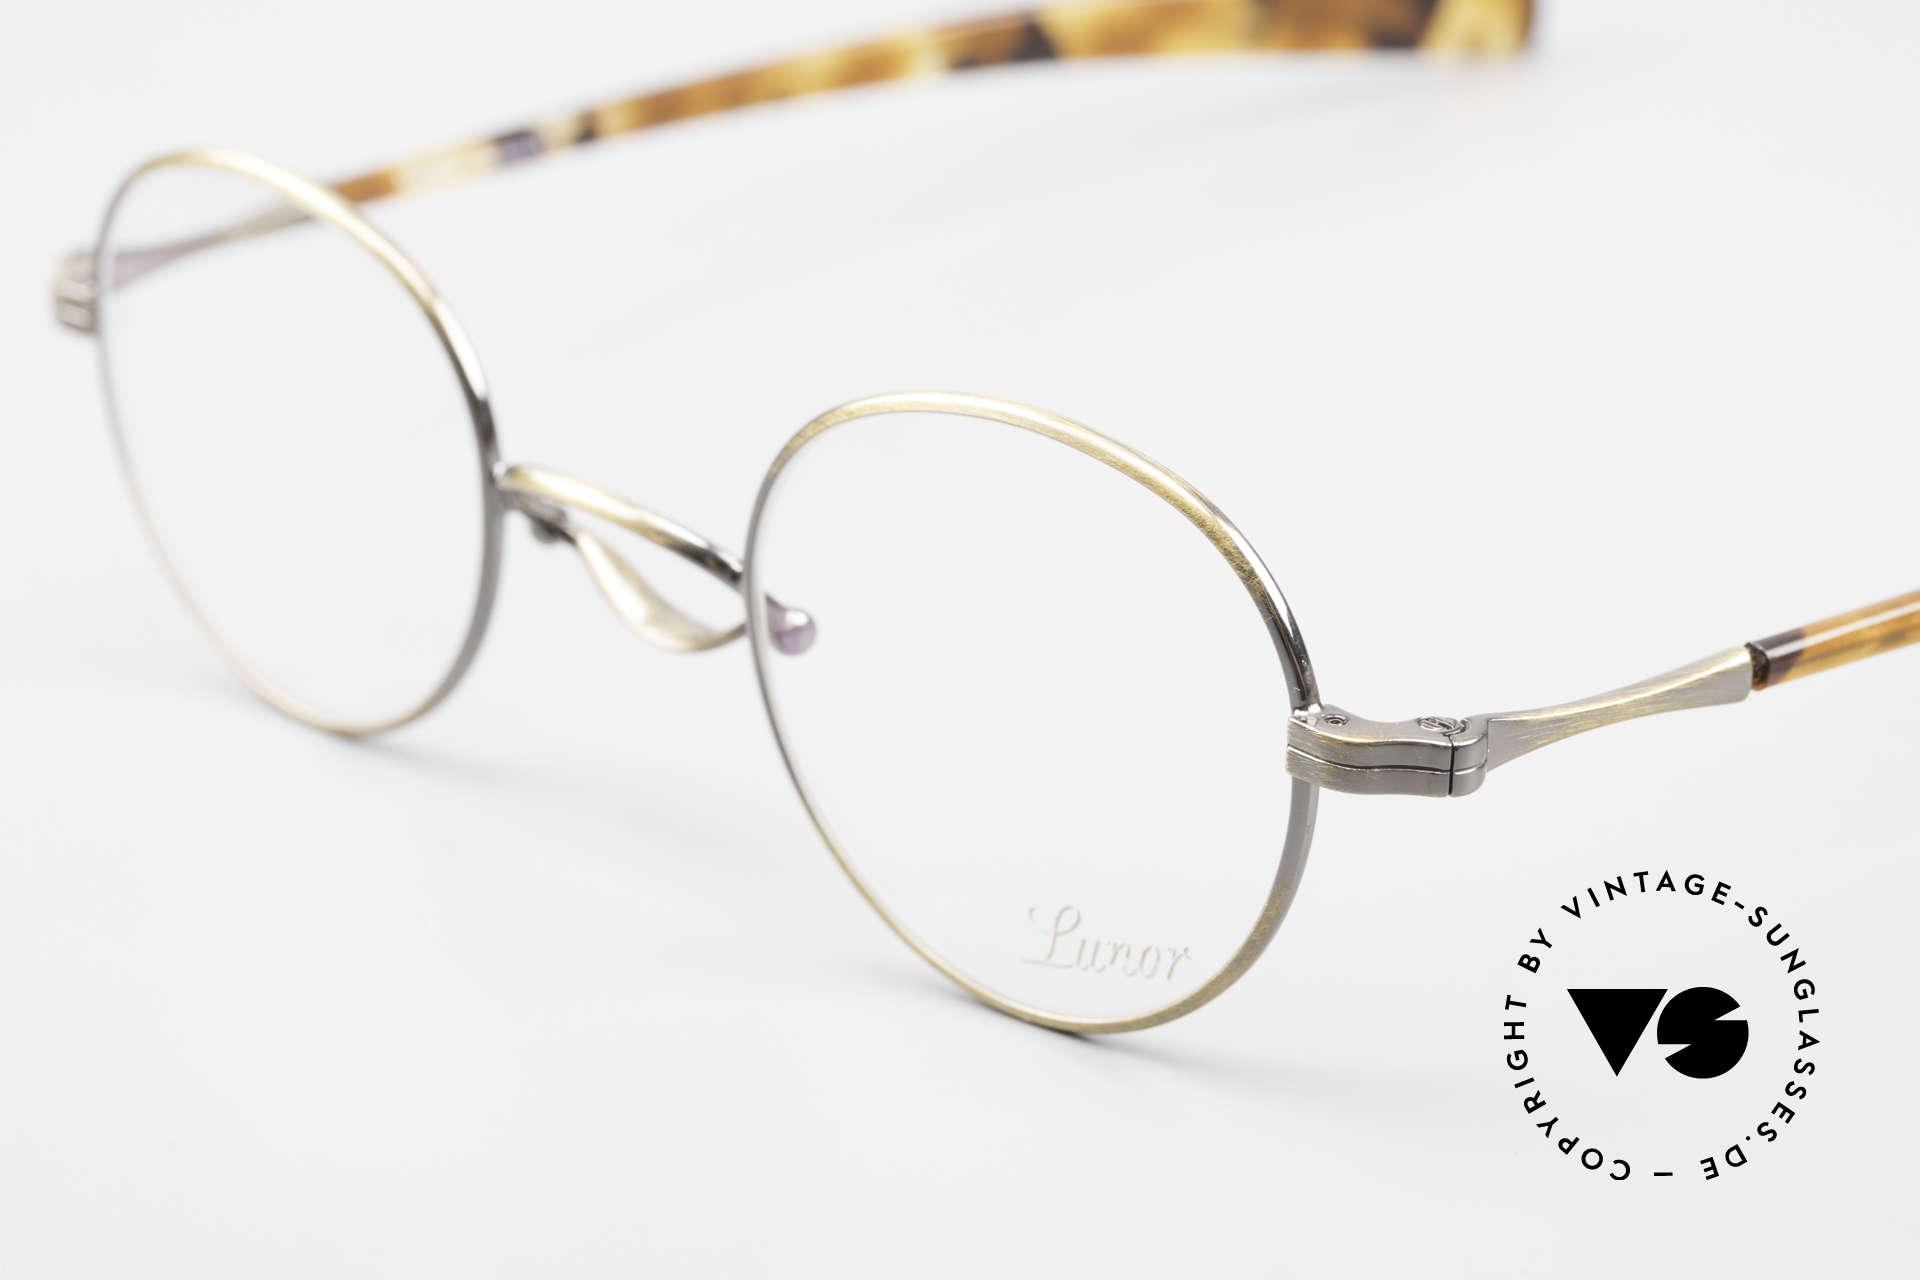 Lunor Swing A 32 Panto Vintage Brille Mit Schaukelsteg, ungetragen (wie alle unseren alten Lunor Klassiker), Passend für Herren und Damen